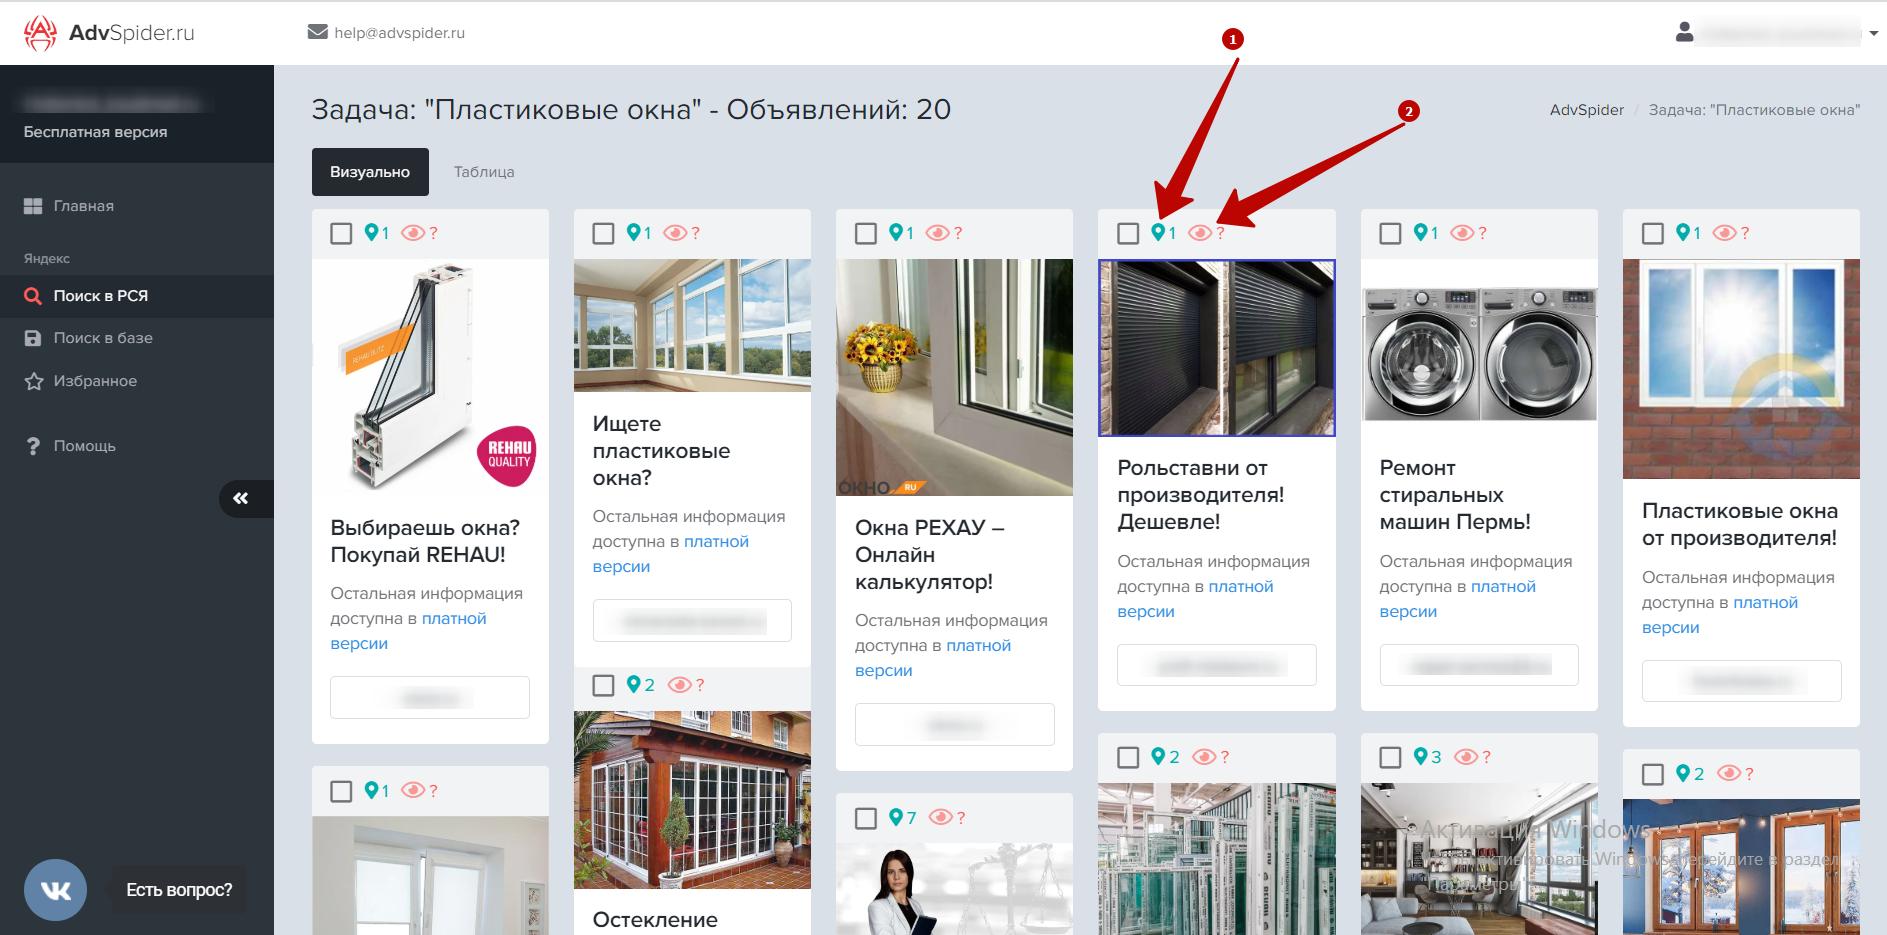 Объявления конкурентов Яндекс.Директ – результаты поиска объявлений в AdvSpider